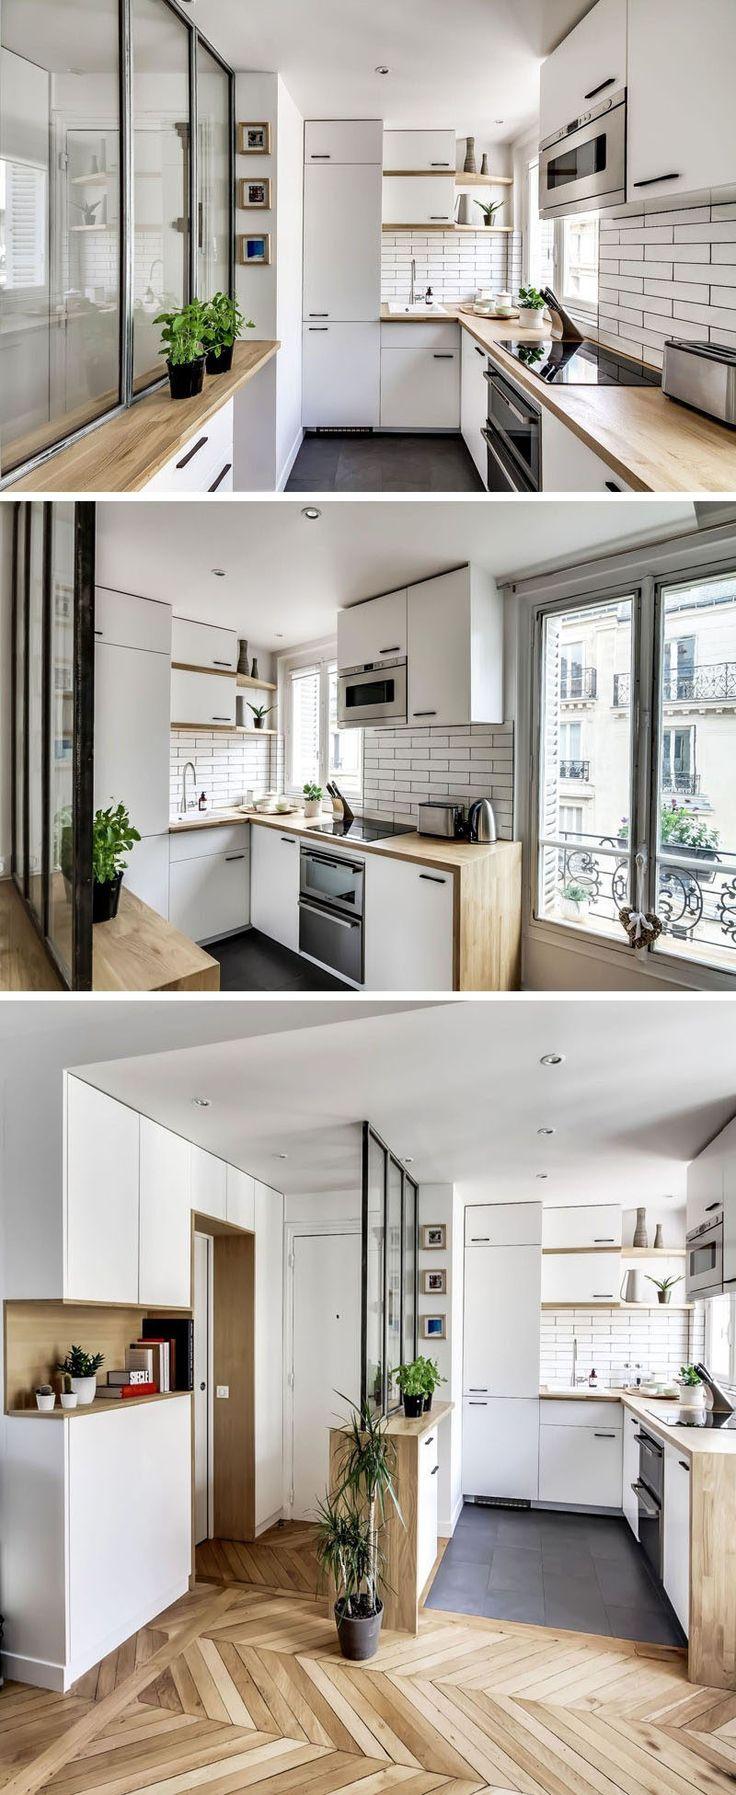 Best K che Design Ideen K chen die das Beste aus einem kleinen Raum machen diese meist wei en K che hat Holzregale und Arbeitsplatten Cabinetry